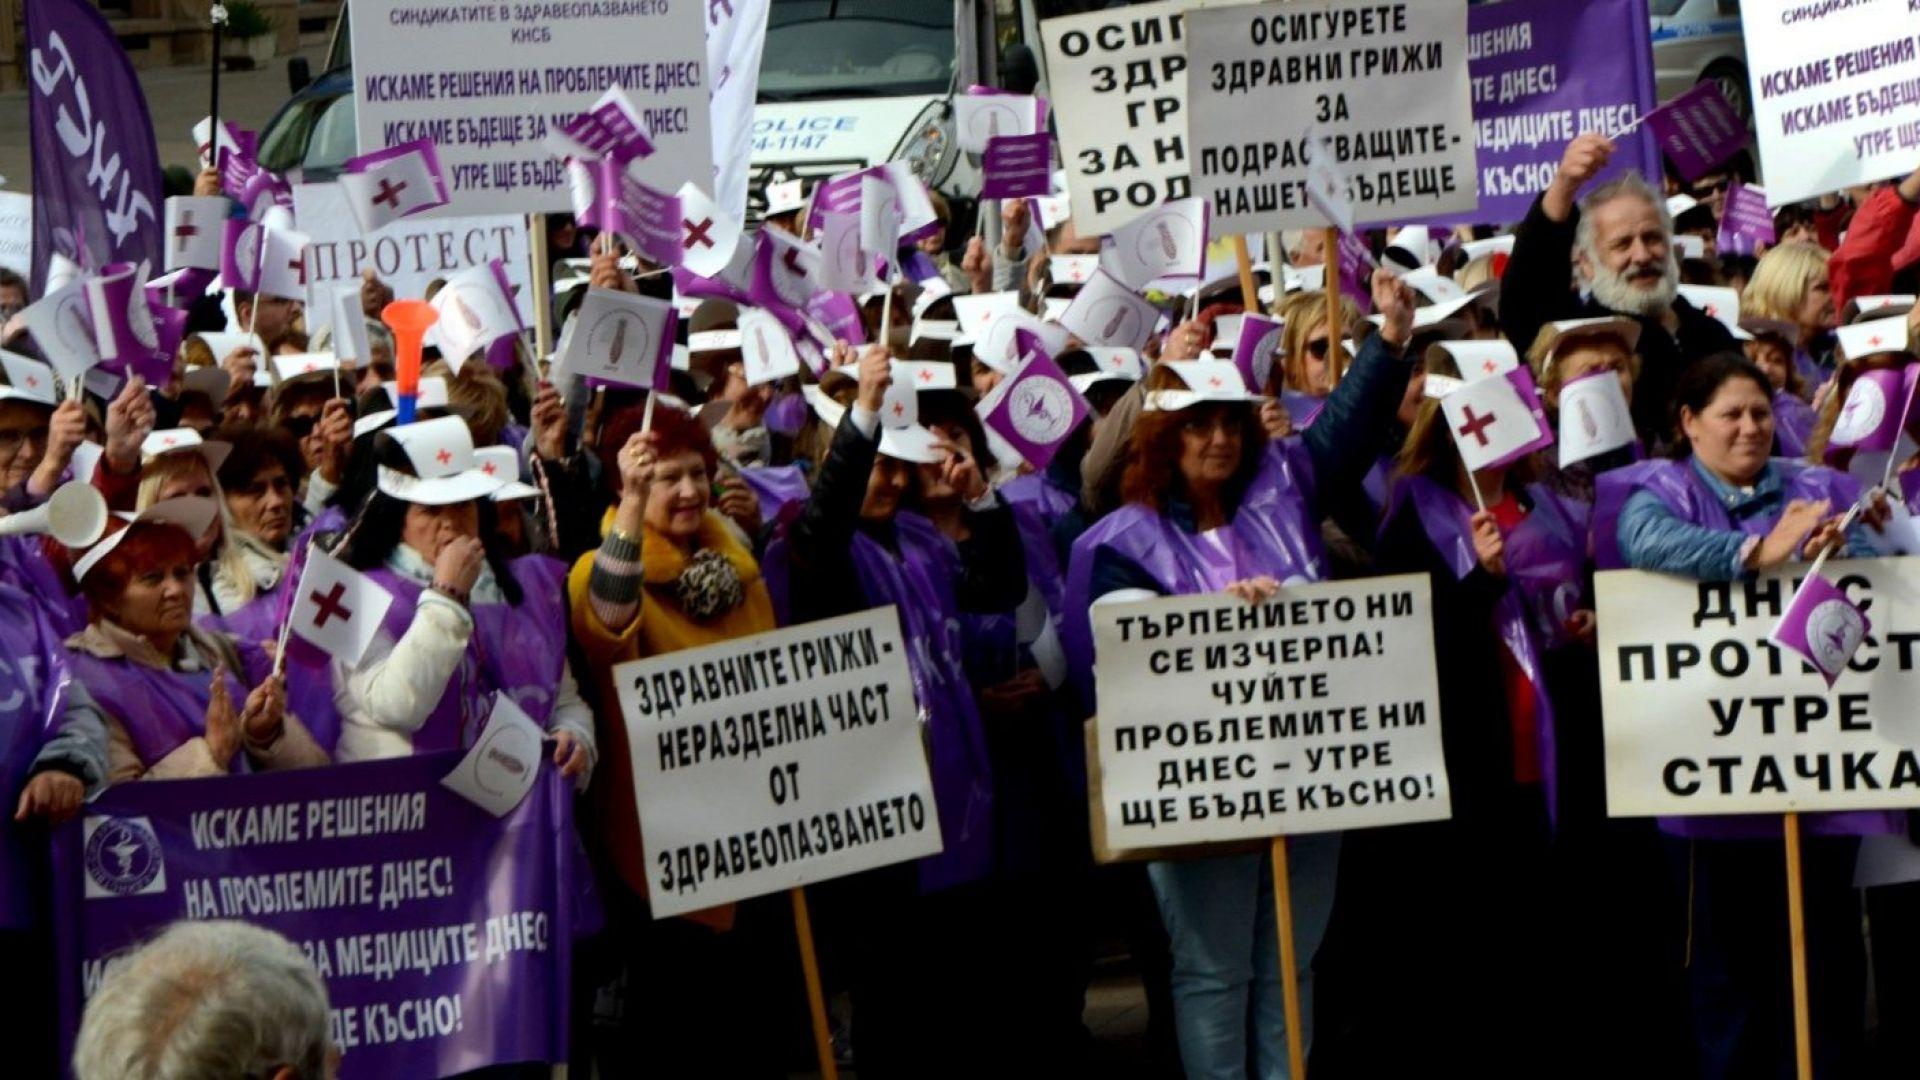 Допълнителни 200 млн. лв. и умерен оптимизъм след медицинския протест пред МС